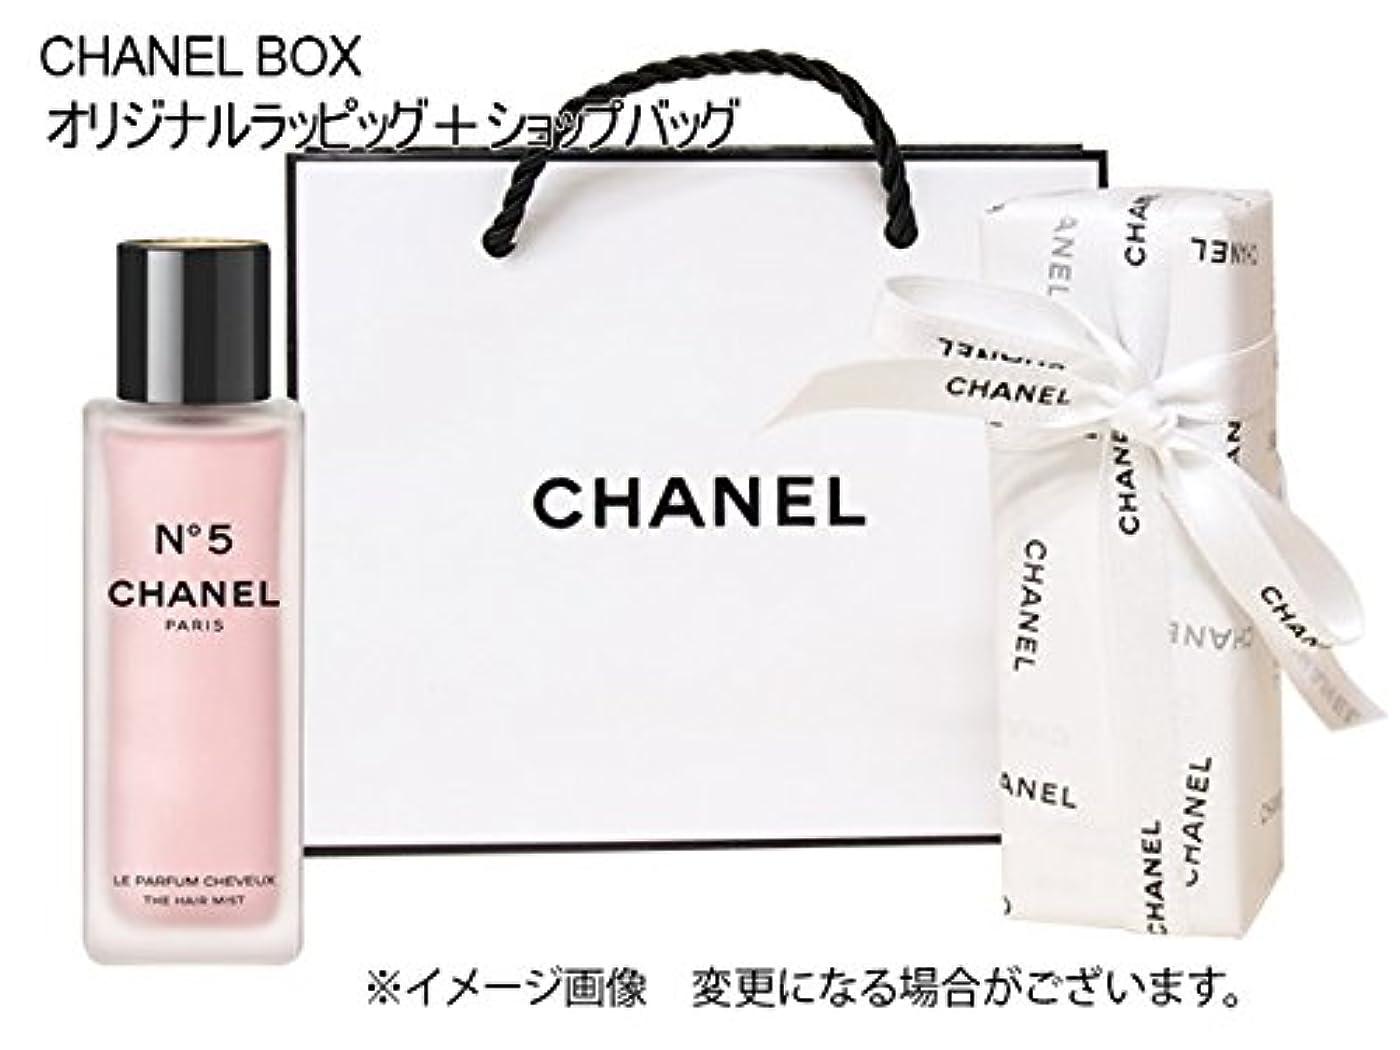 シールド考え消費CHANEL(シャネル) NO.5 LE PARFUM CHEVEUX THE HAIR MIST シャネル N°5 ヘアミスト40ml CHANEL BOX オリジナルラッピング+ショップバッグ(並行輸入)